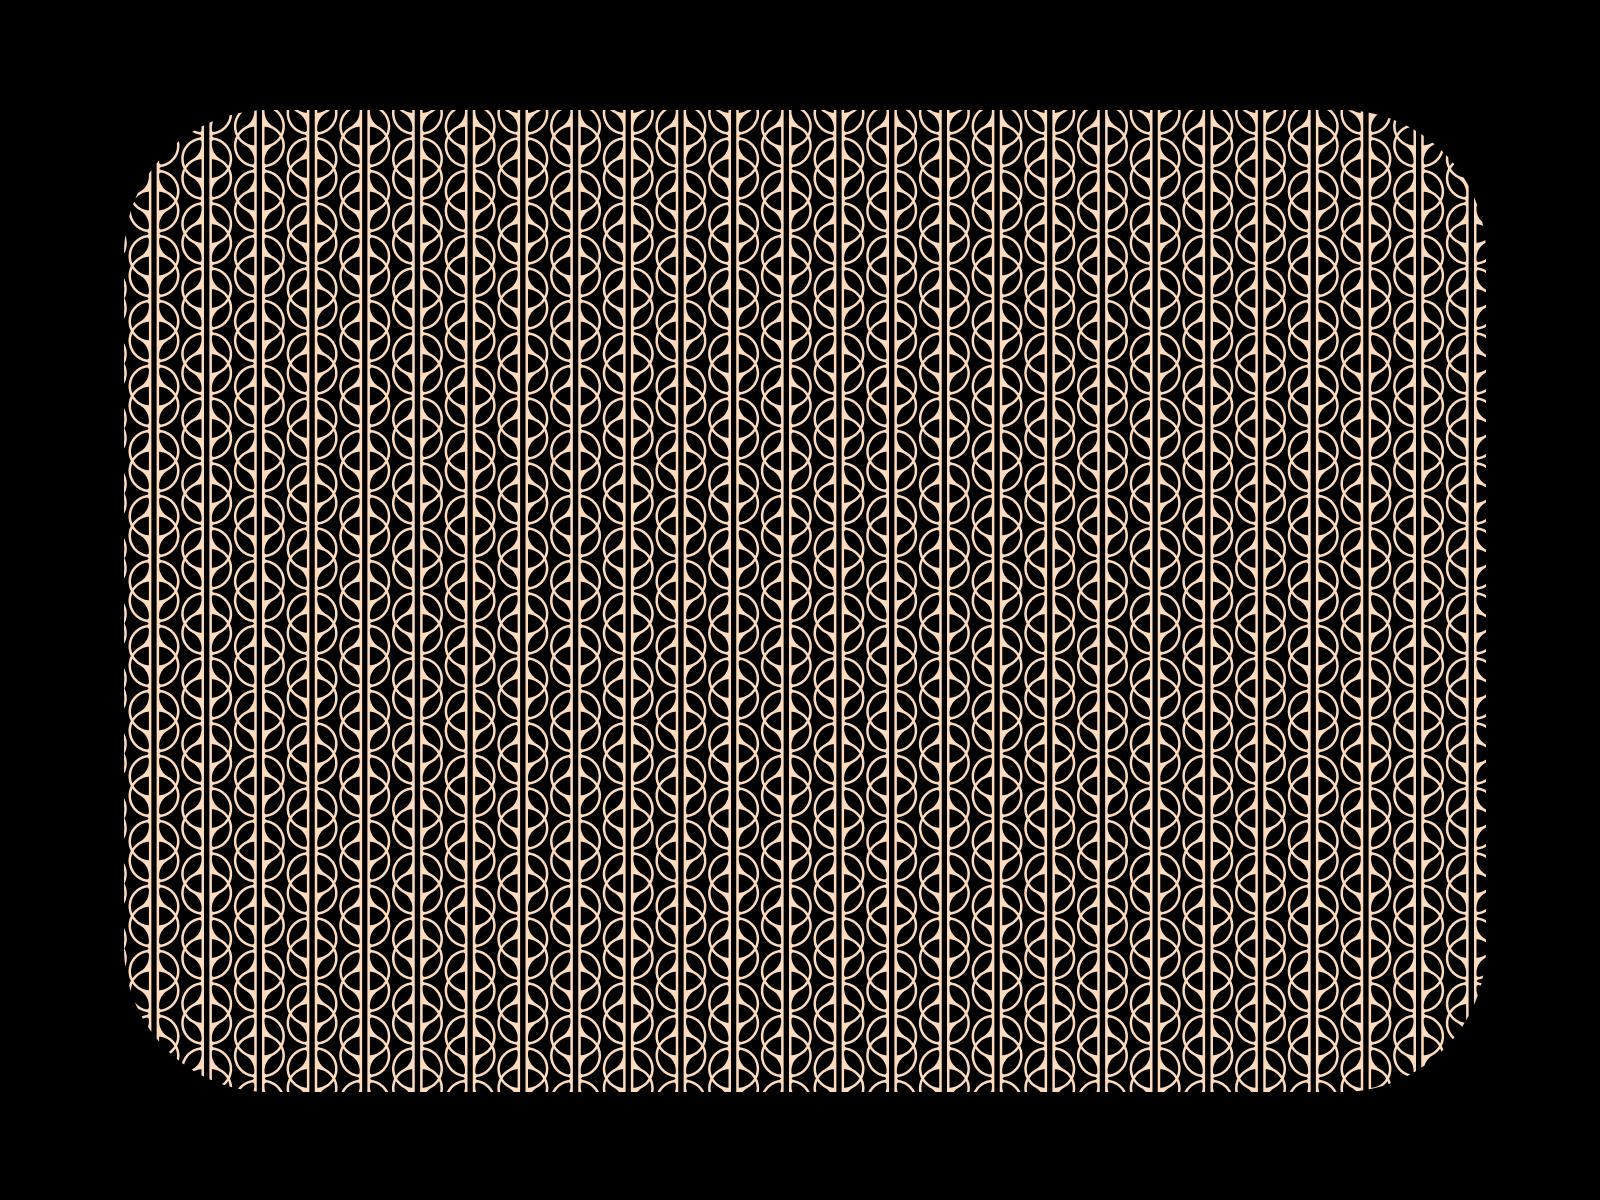 36bad5bba2fa4535c79e08e15ffbe922